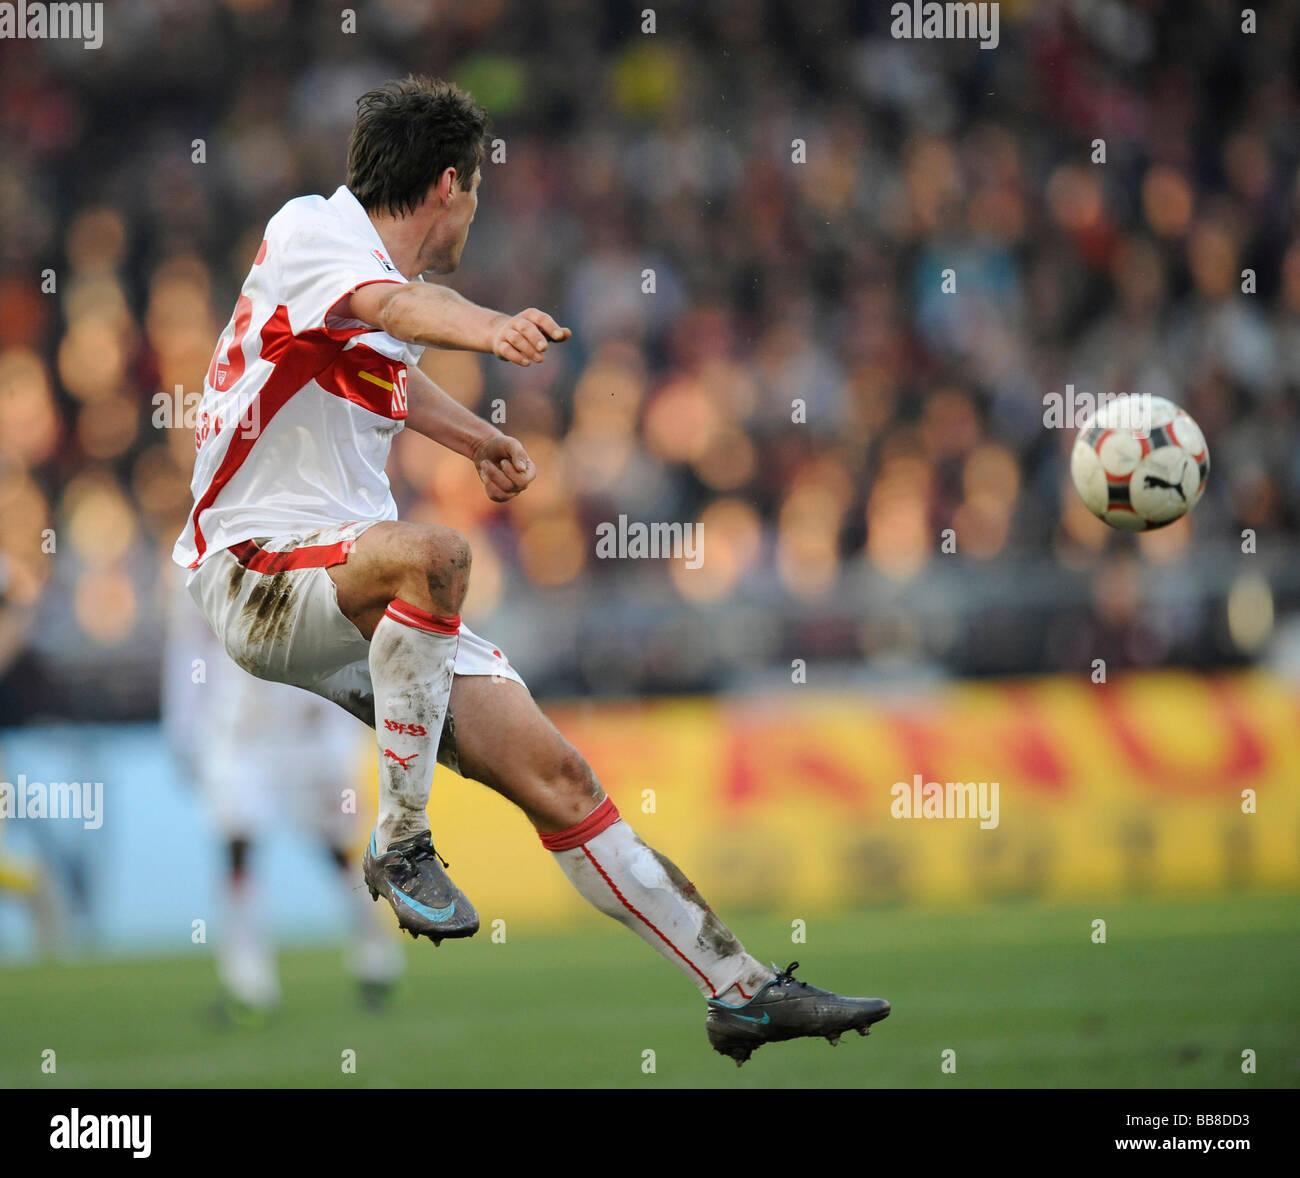 Christian Traesch, VfB Stuttgart, playing the ball - Stock Image